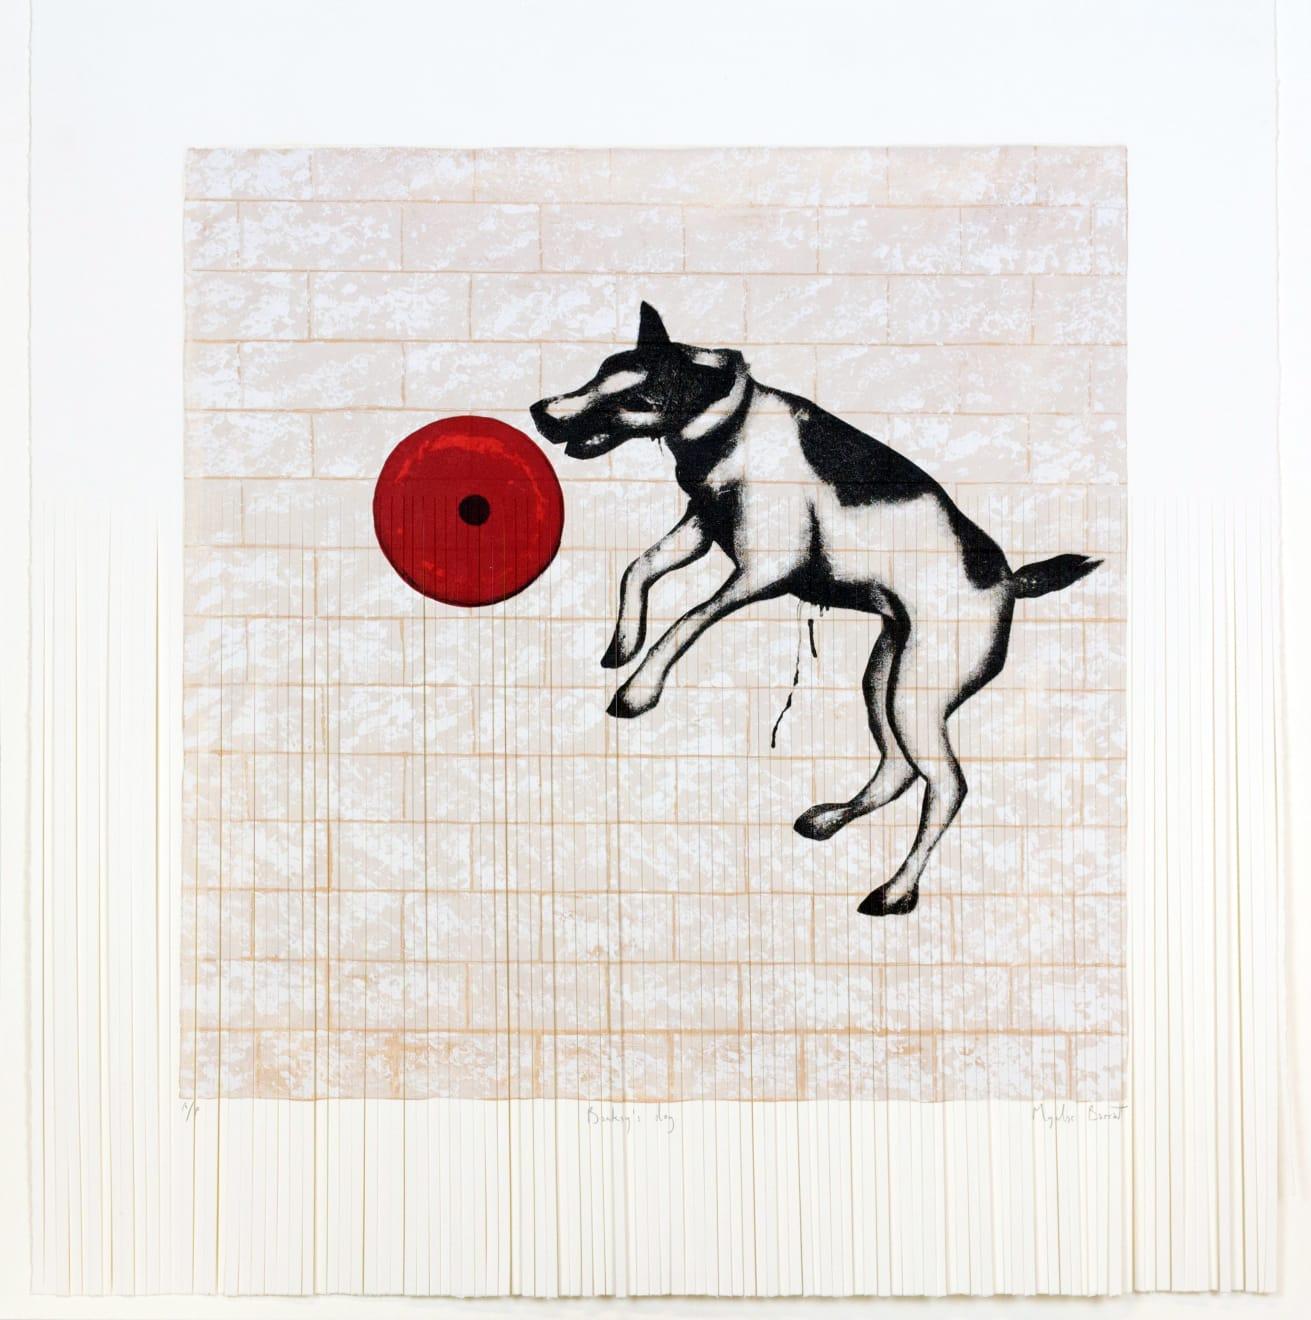 Mychael Barratt, Banksy's Dog (Shredded), 2018